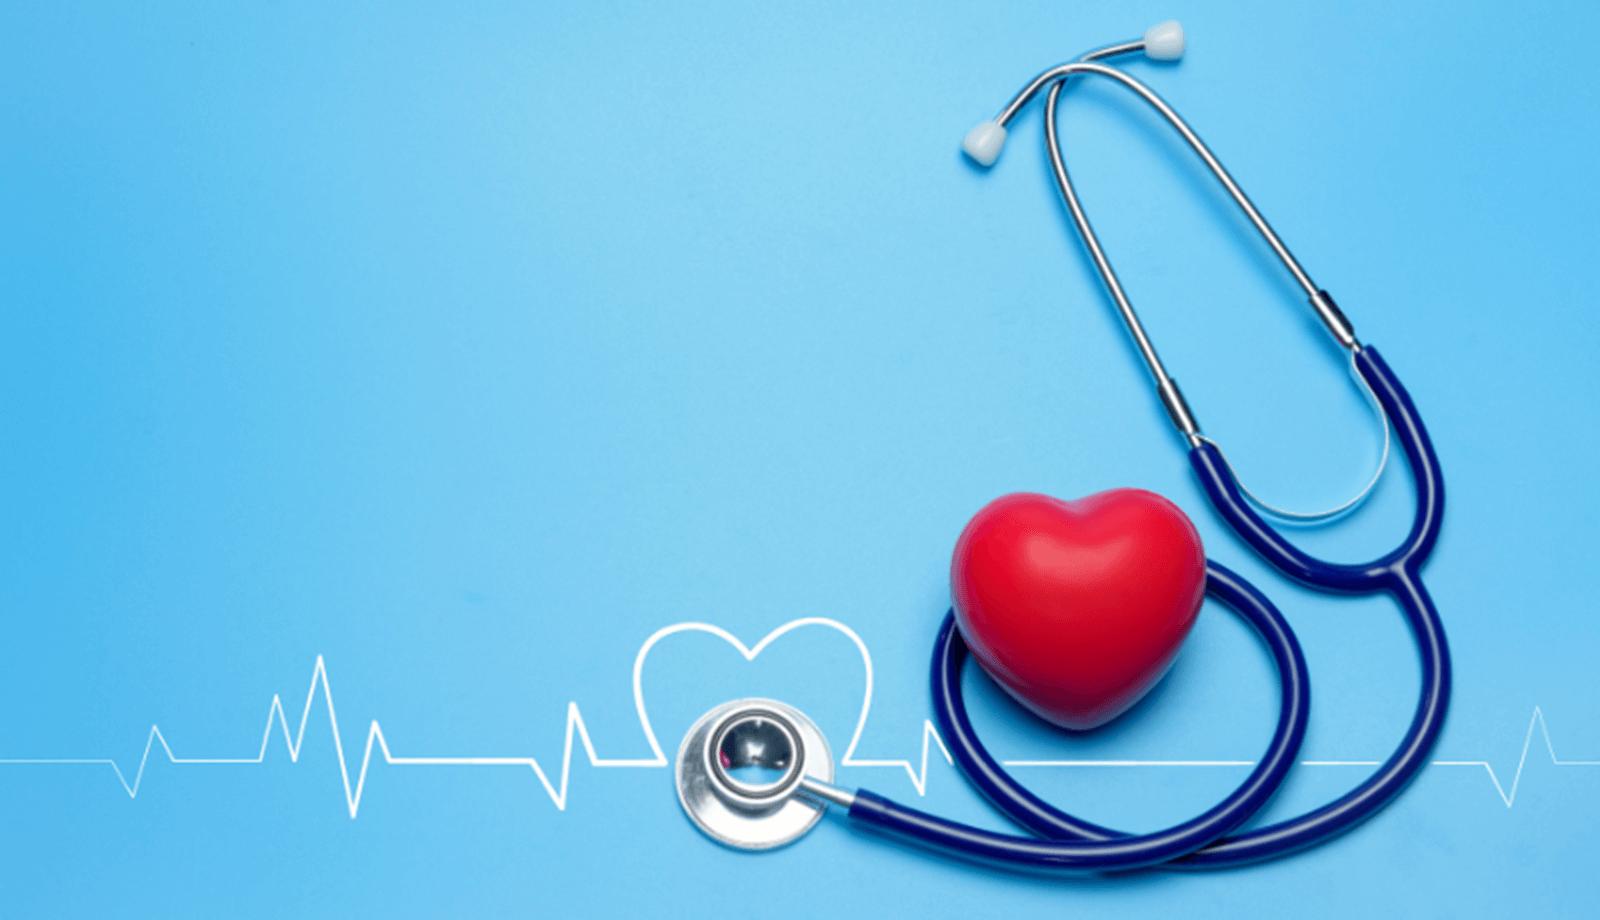 magas vérnyomás esetén a fej nem fájhat